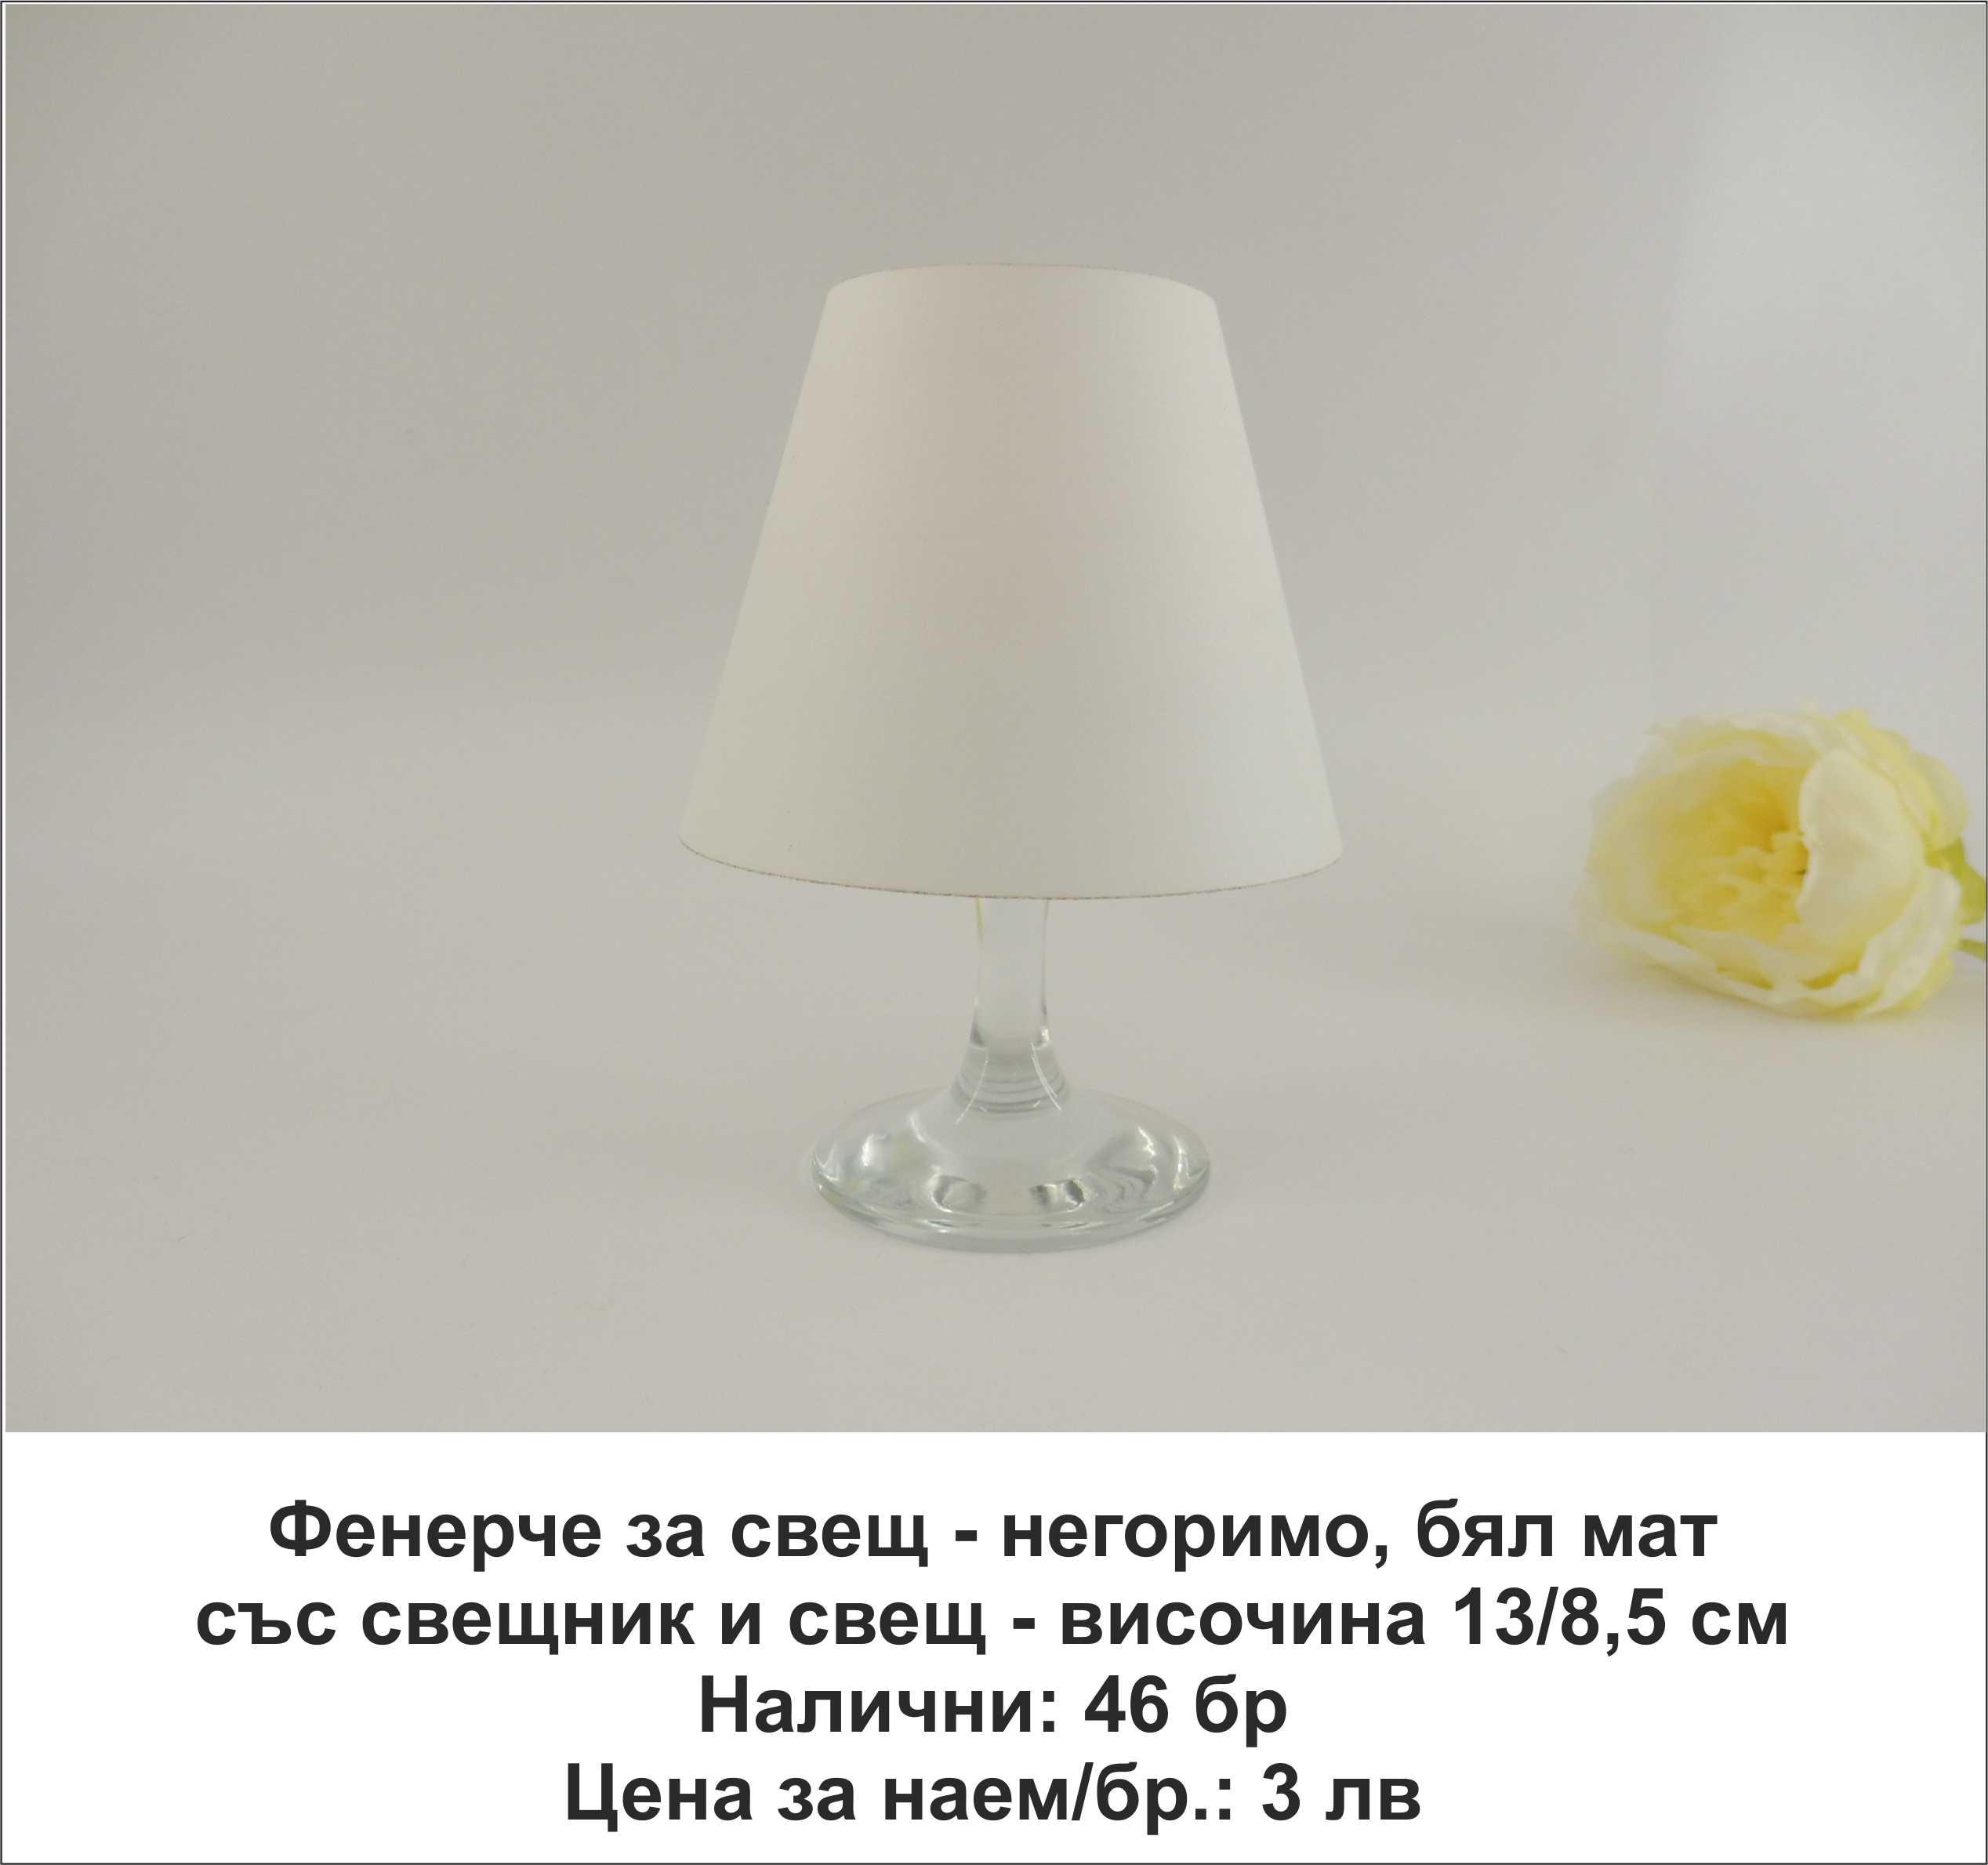 Фенерче за свещ - негоримо, бял мат, със свещник и свещ. Височина: 13 см. Цена за наем на комплект: 3 лв.